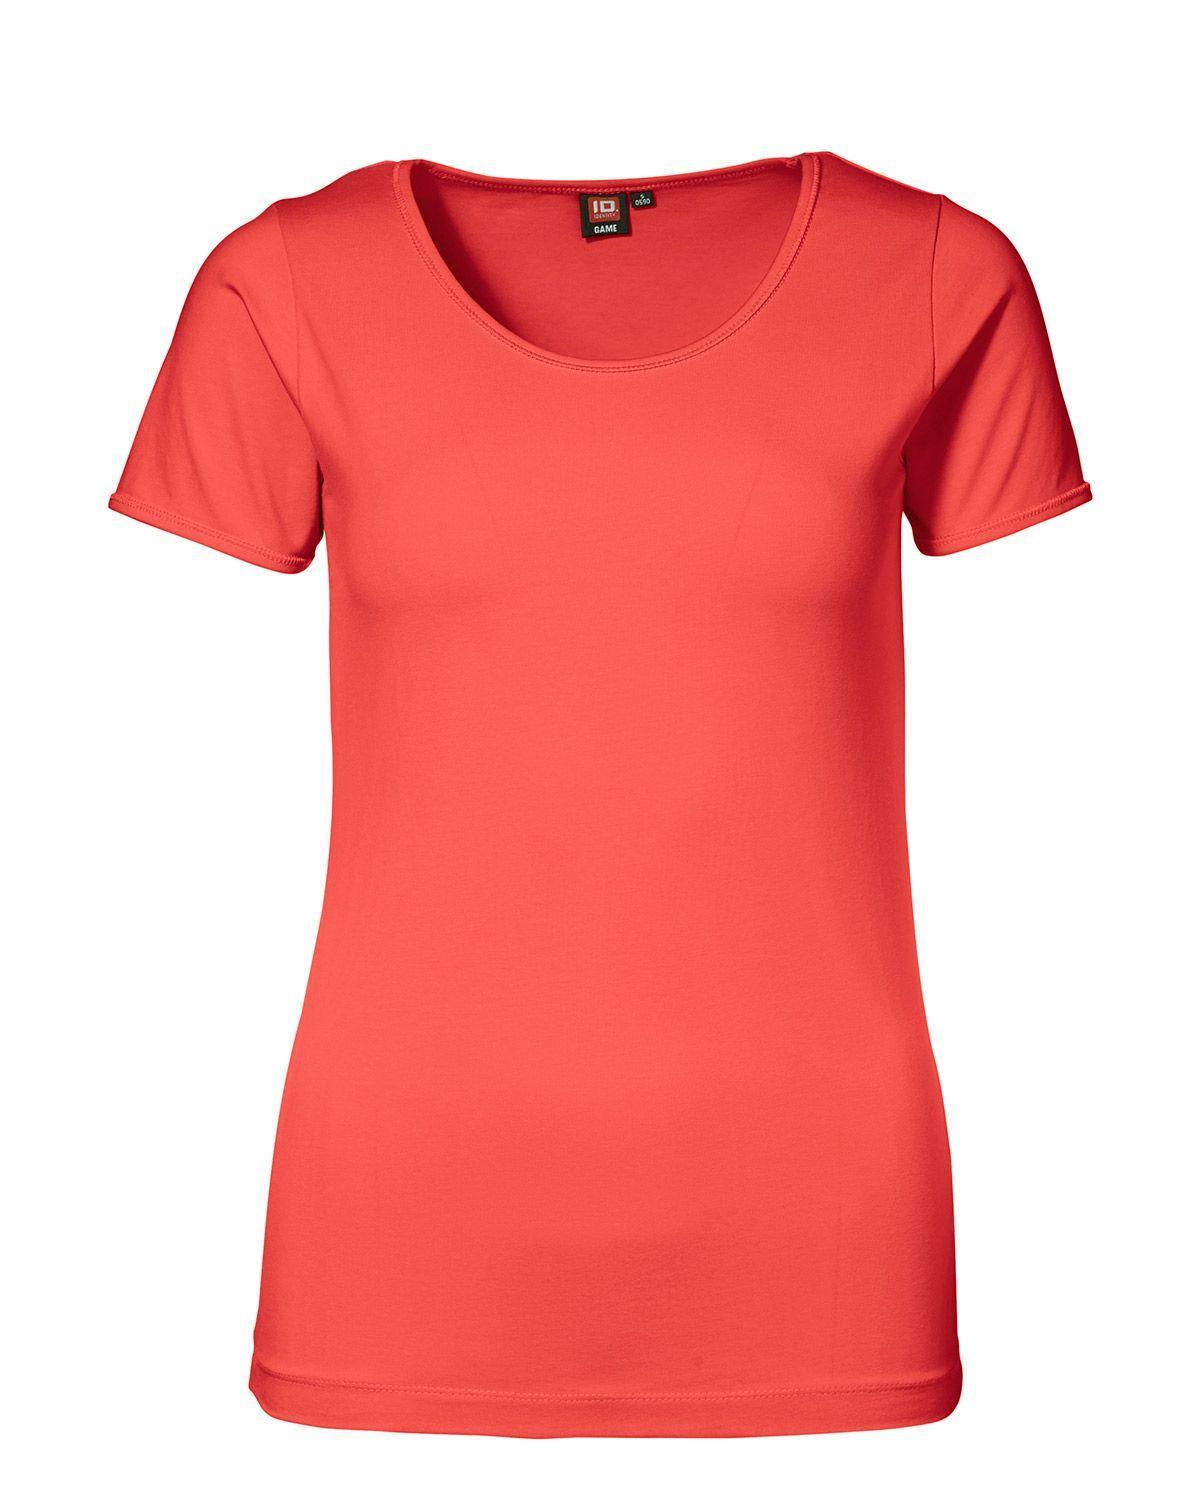 ID Stretch T-shirt för Kvinnor (Koral, XS)